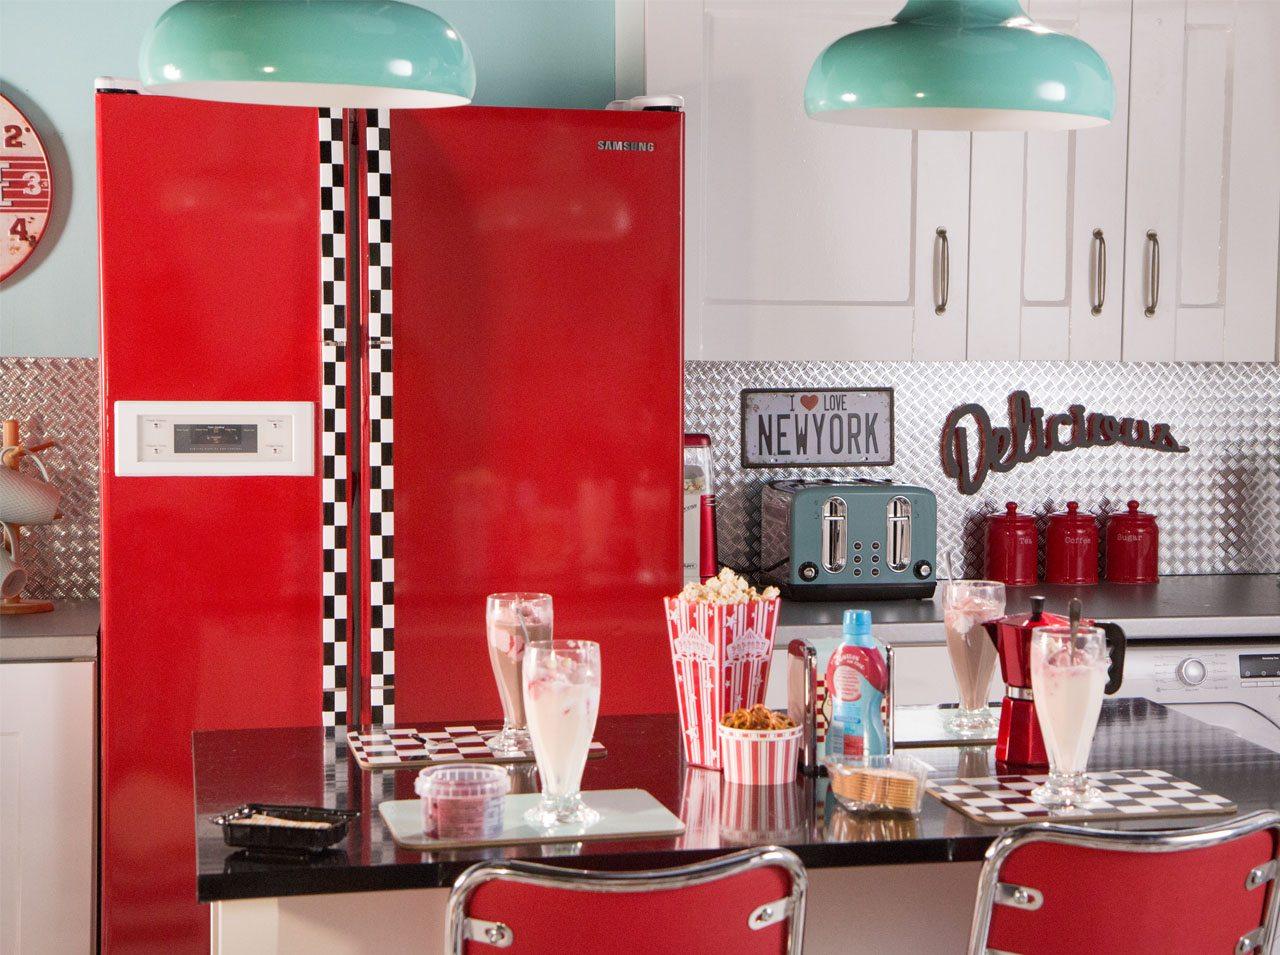 Kühlschrank Folie : D c home setze mit einem bunten kühlschrank ein farbliches